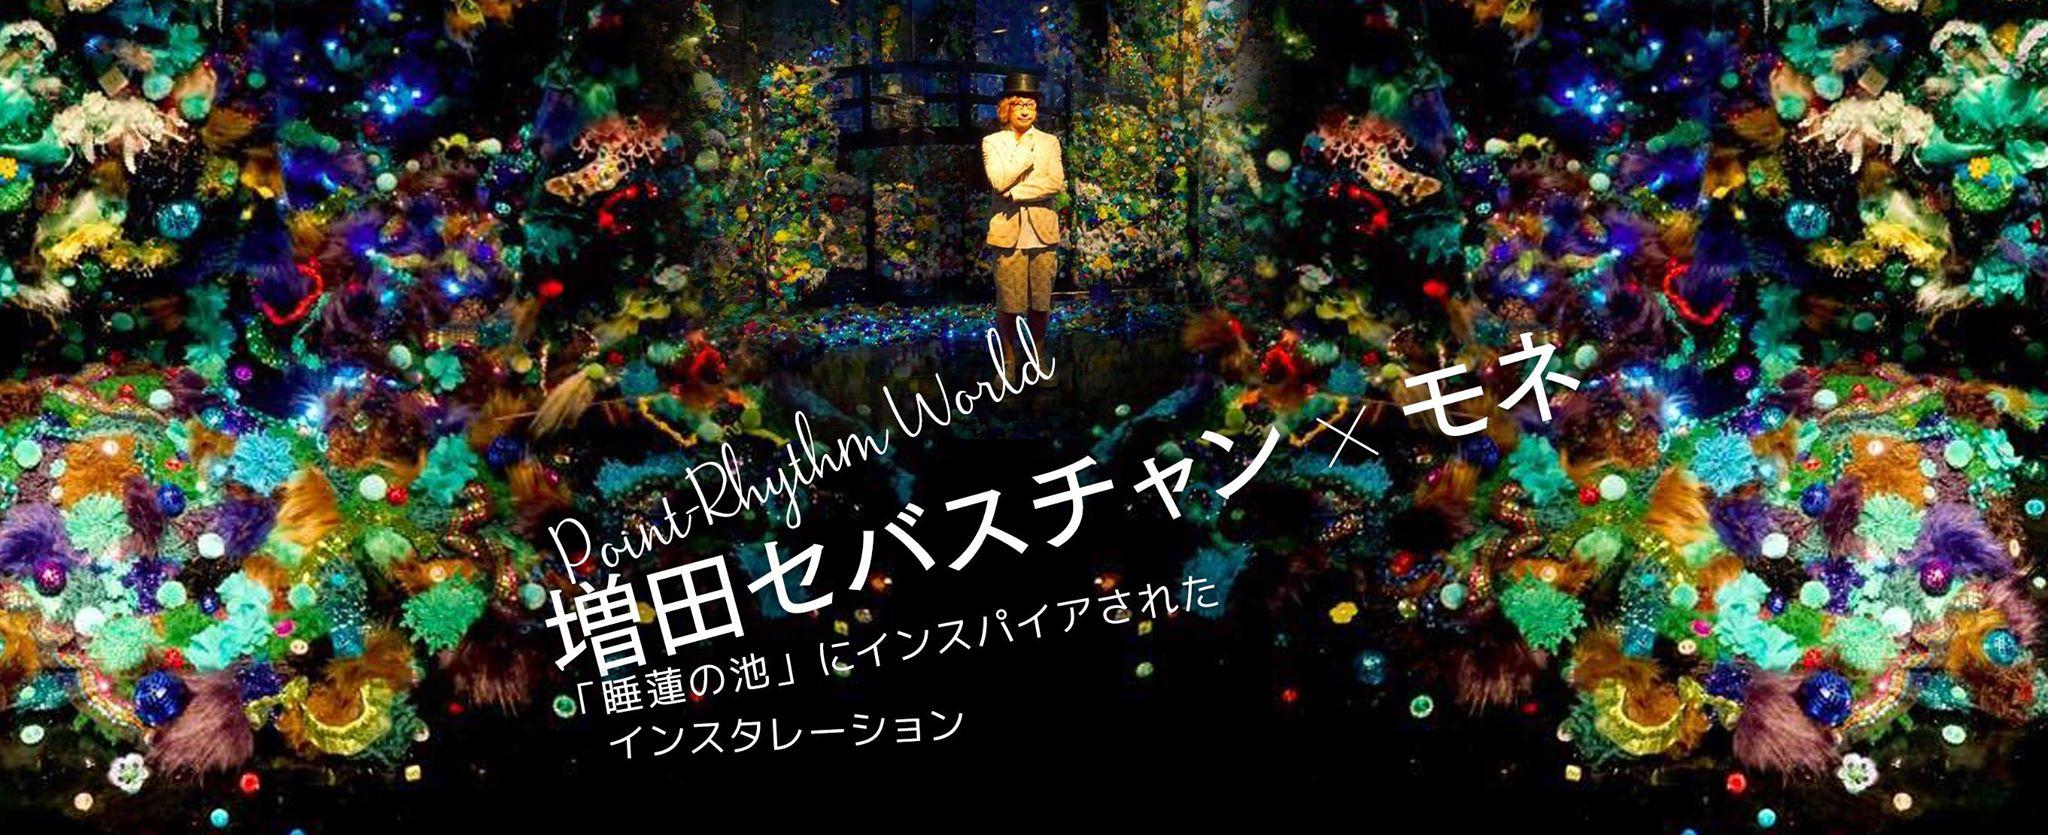 増田セバスチャン×モネ 「睡蓮の池」にインスパイアされたインスタレーション